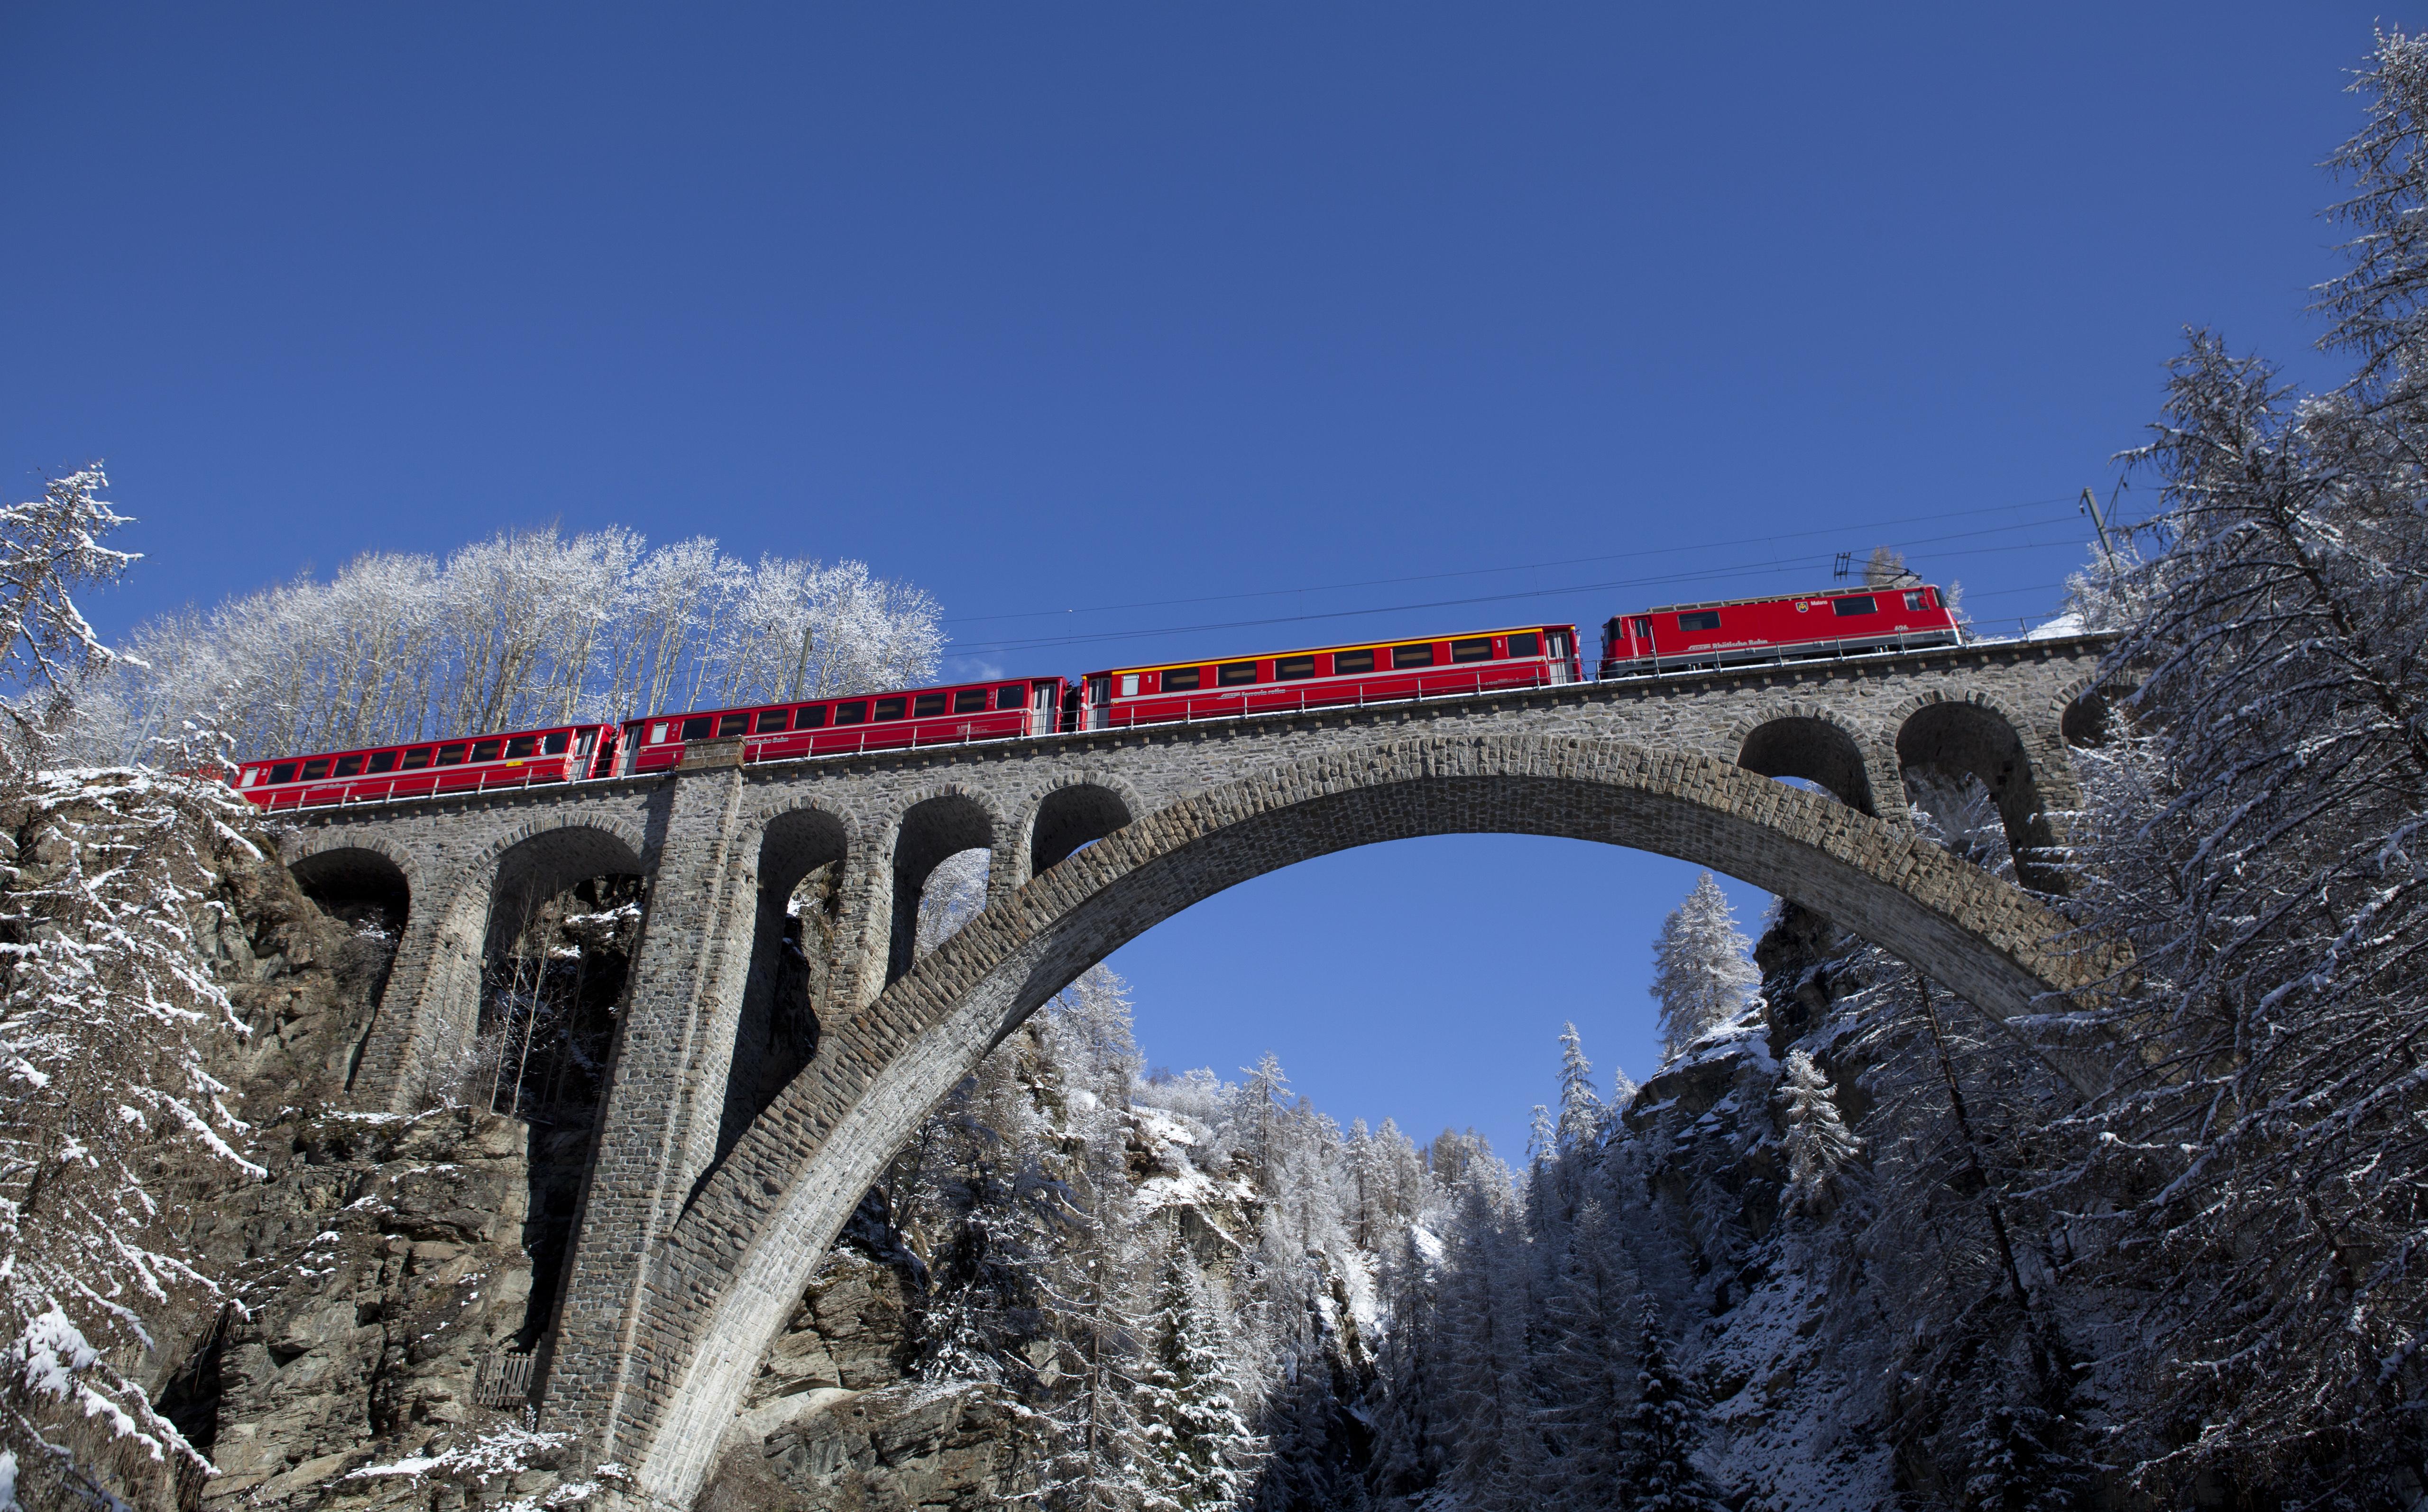 La lingia ha 79 punts - qua la Viafier retica sil viaduct Val-Tuoi sper Guarda.